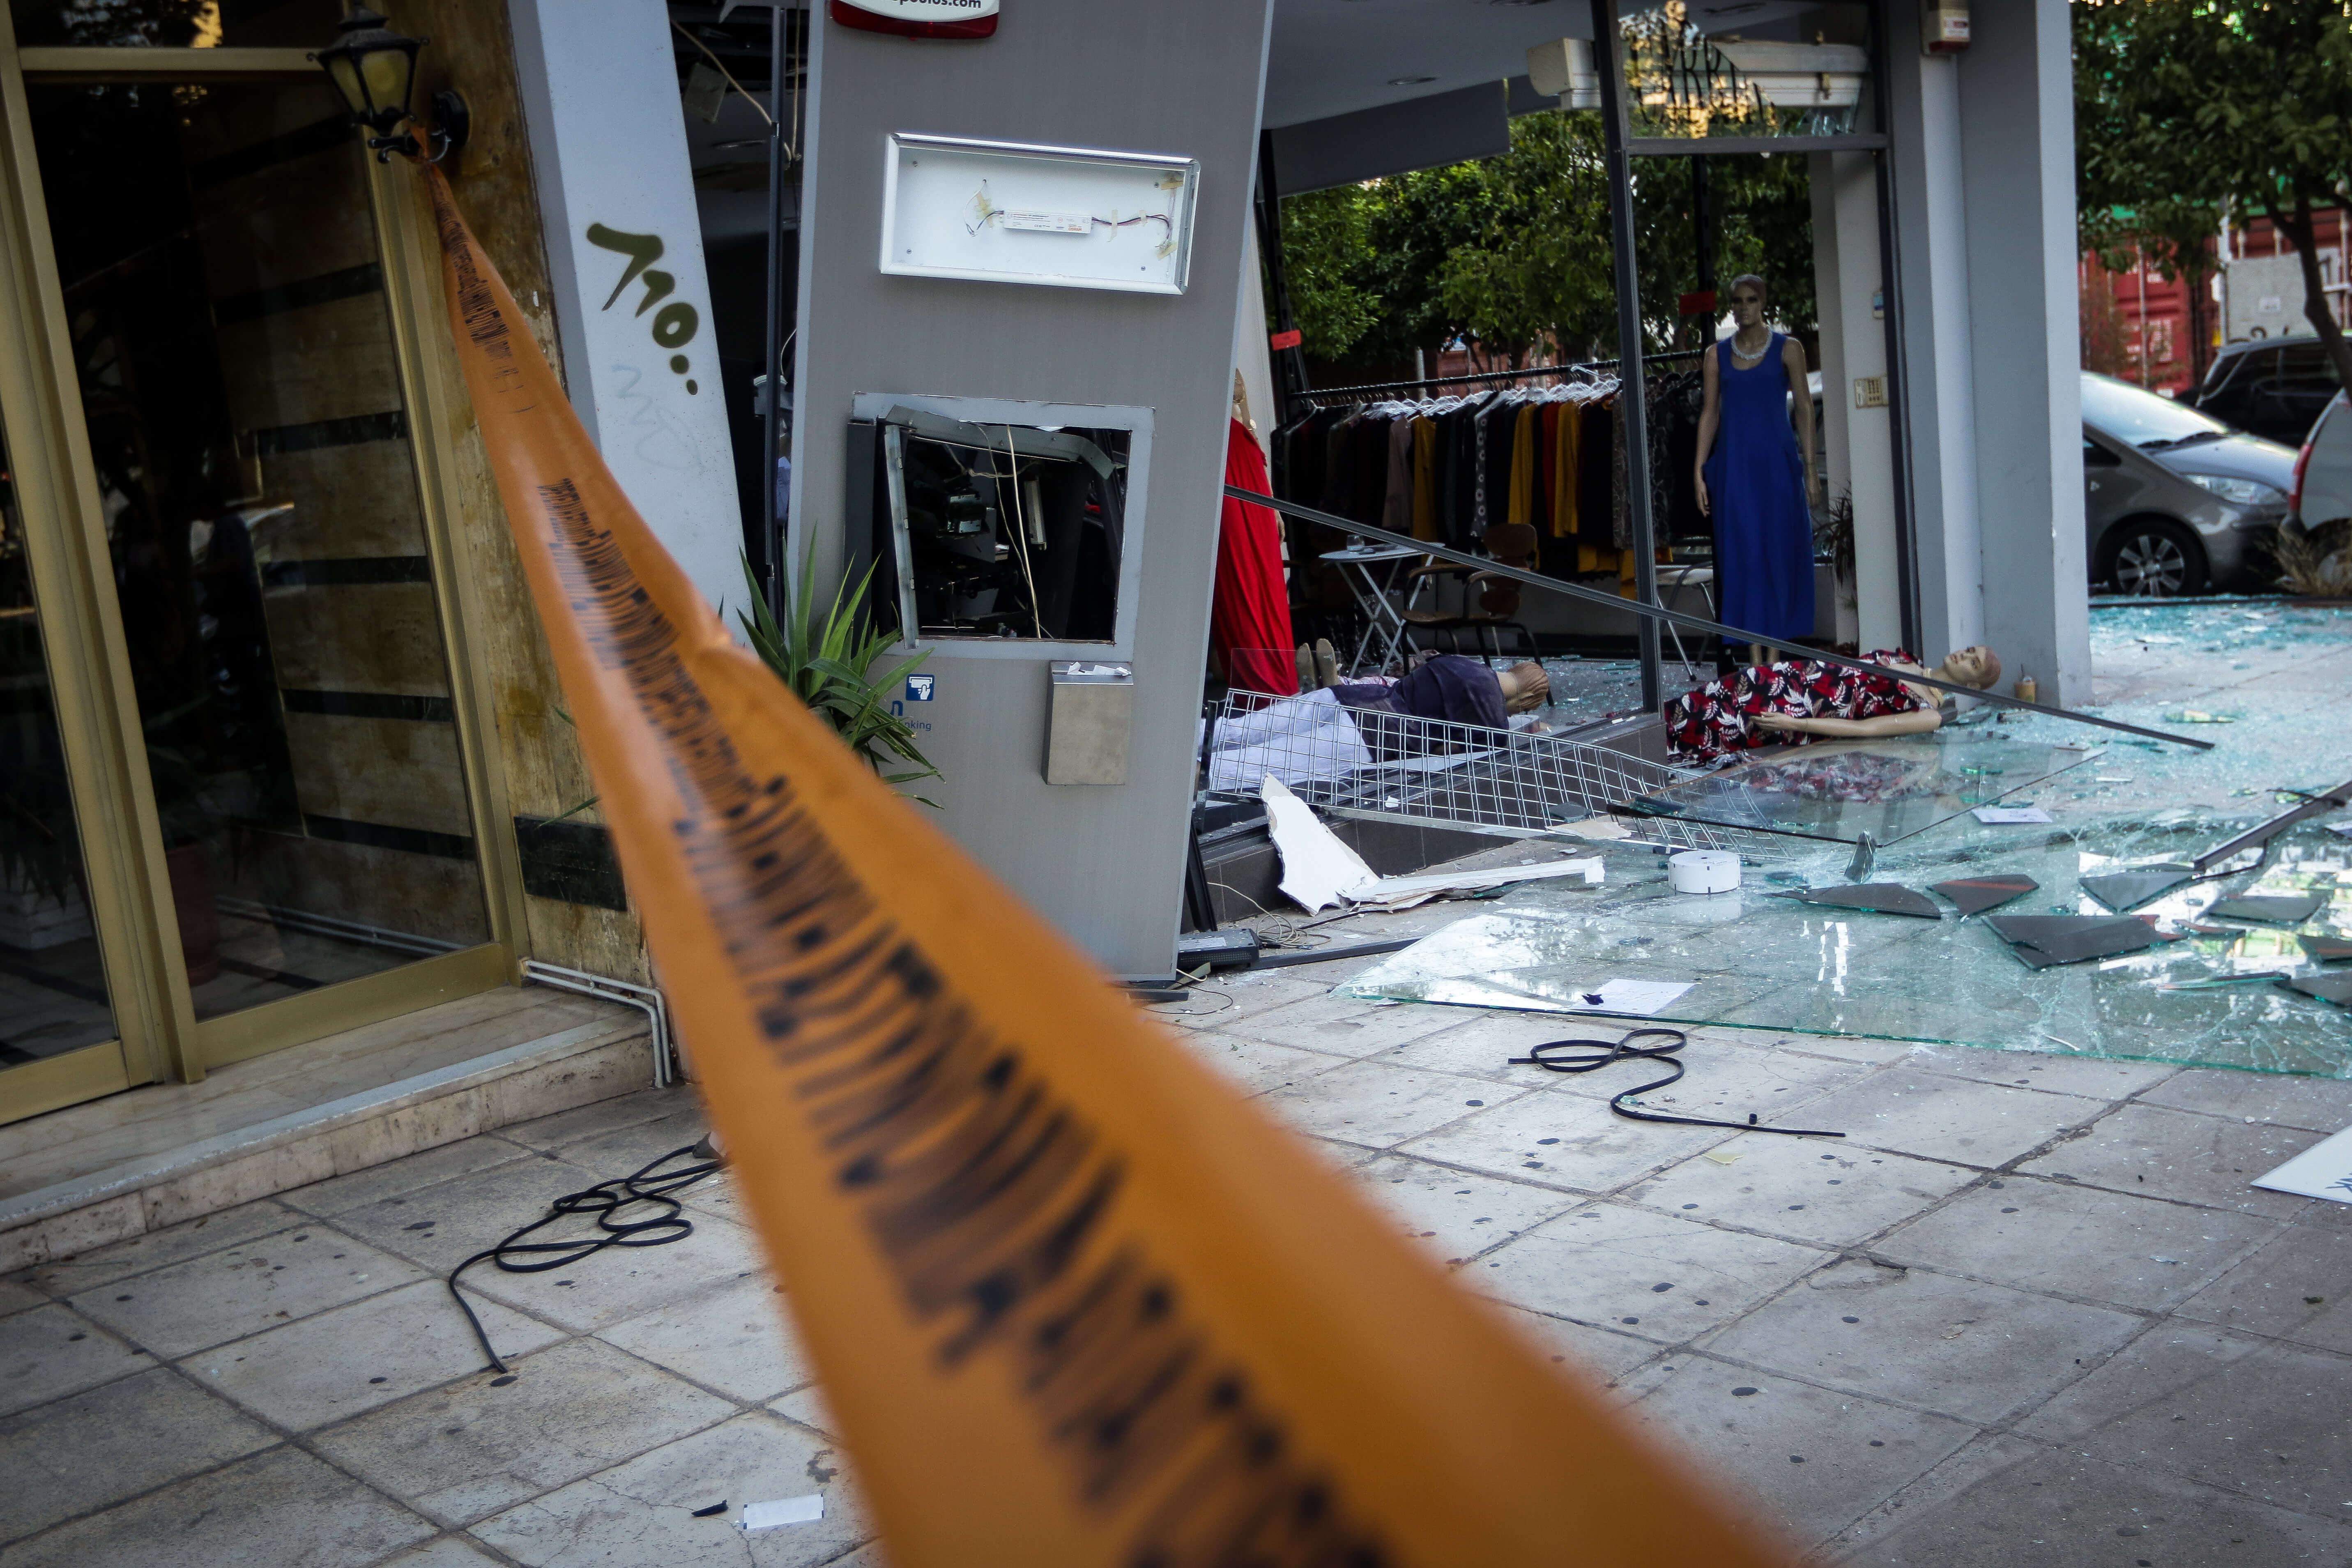 Ρέθυμνο: Το ΑΤΜ άντεξε την έκρηξη – Οι δράστες έφυγαν από το σημείο με άδεια χέρια!